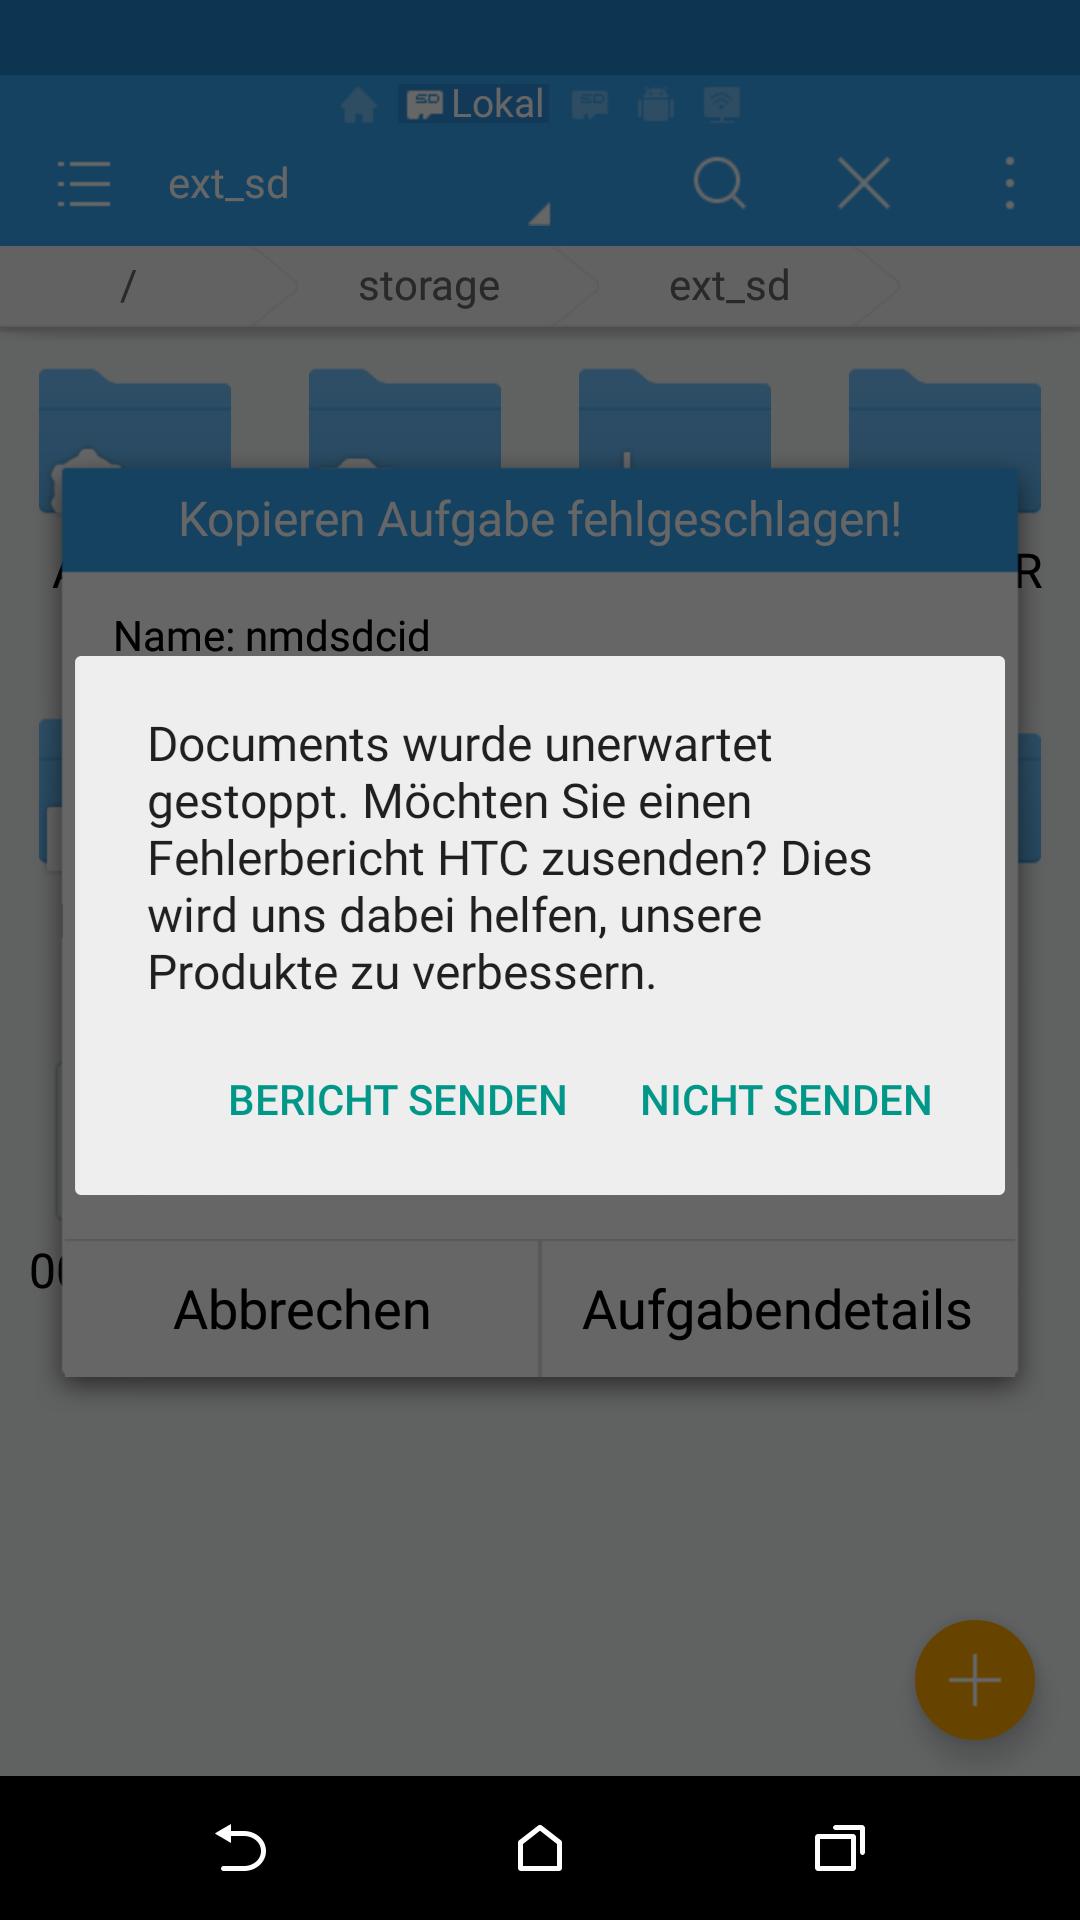 Android Sd Karte Schreibschutz Aufheben.Android 5 0 1 Sd Schreibschutz Aufheben Android Os